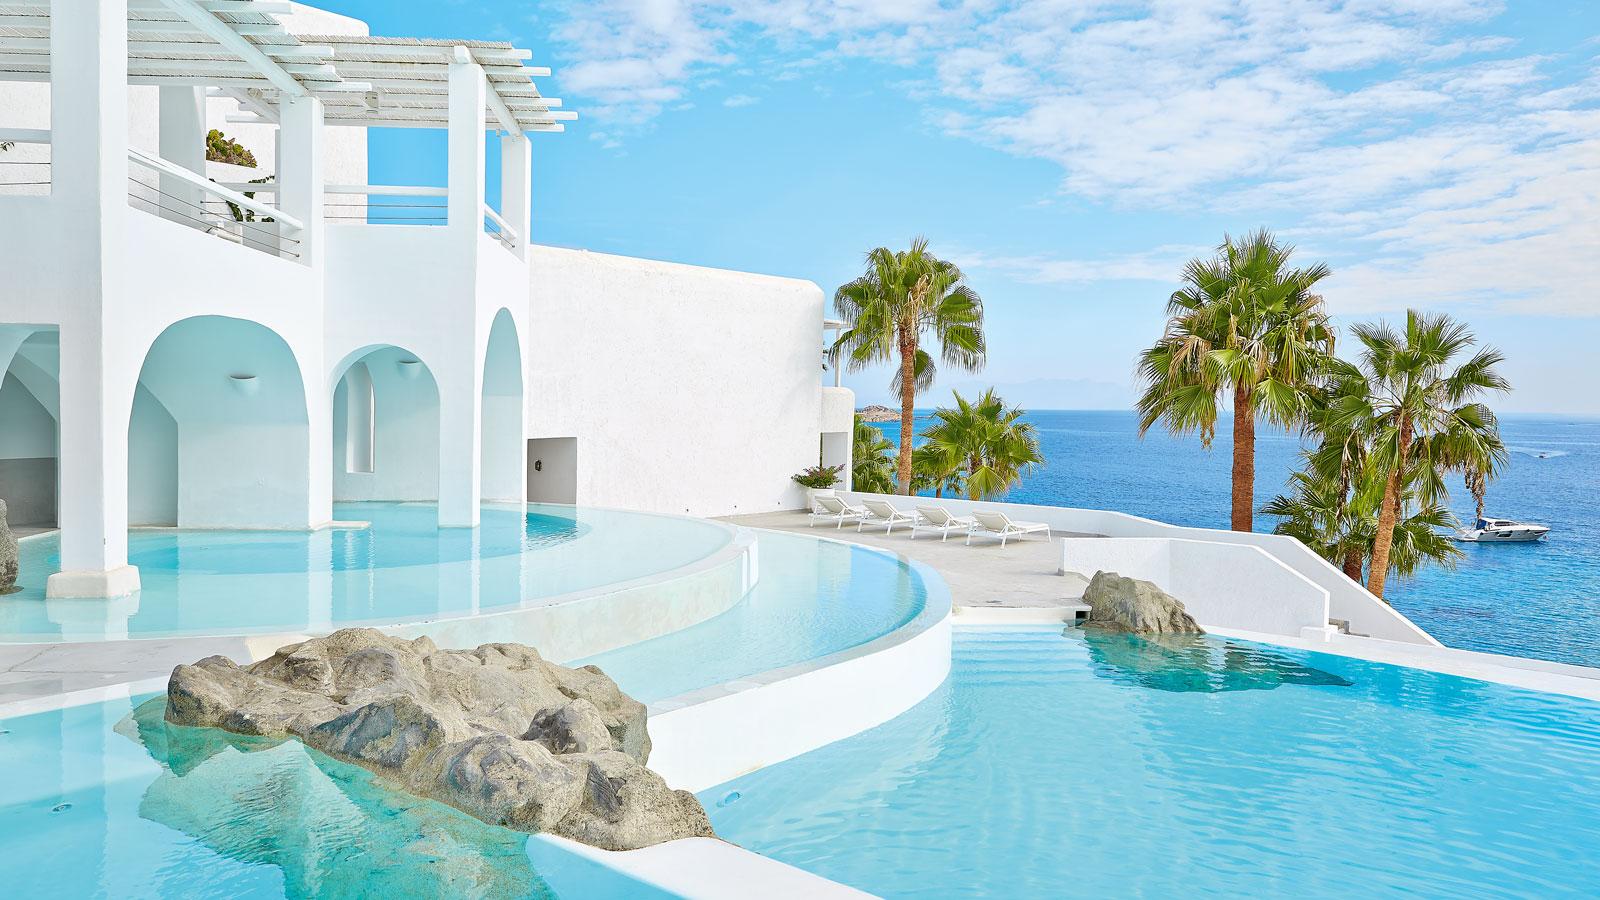 10 of the best luxury seaside hotels in Greece | CNN Travel